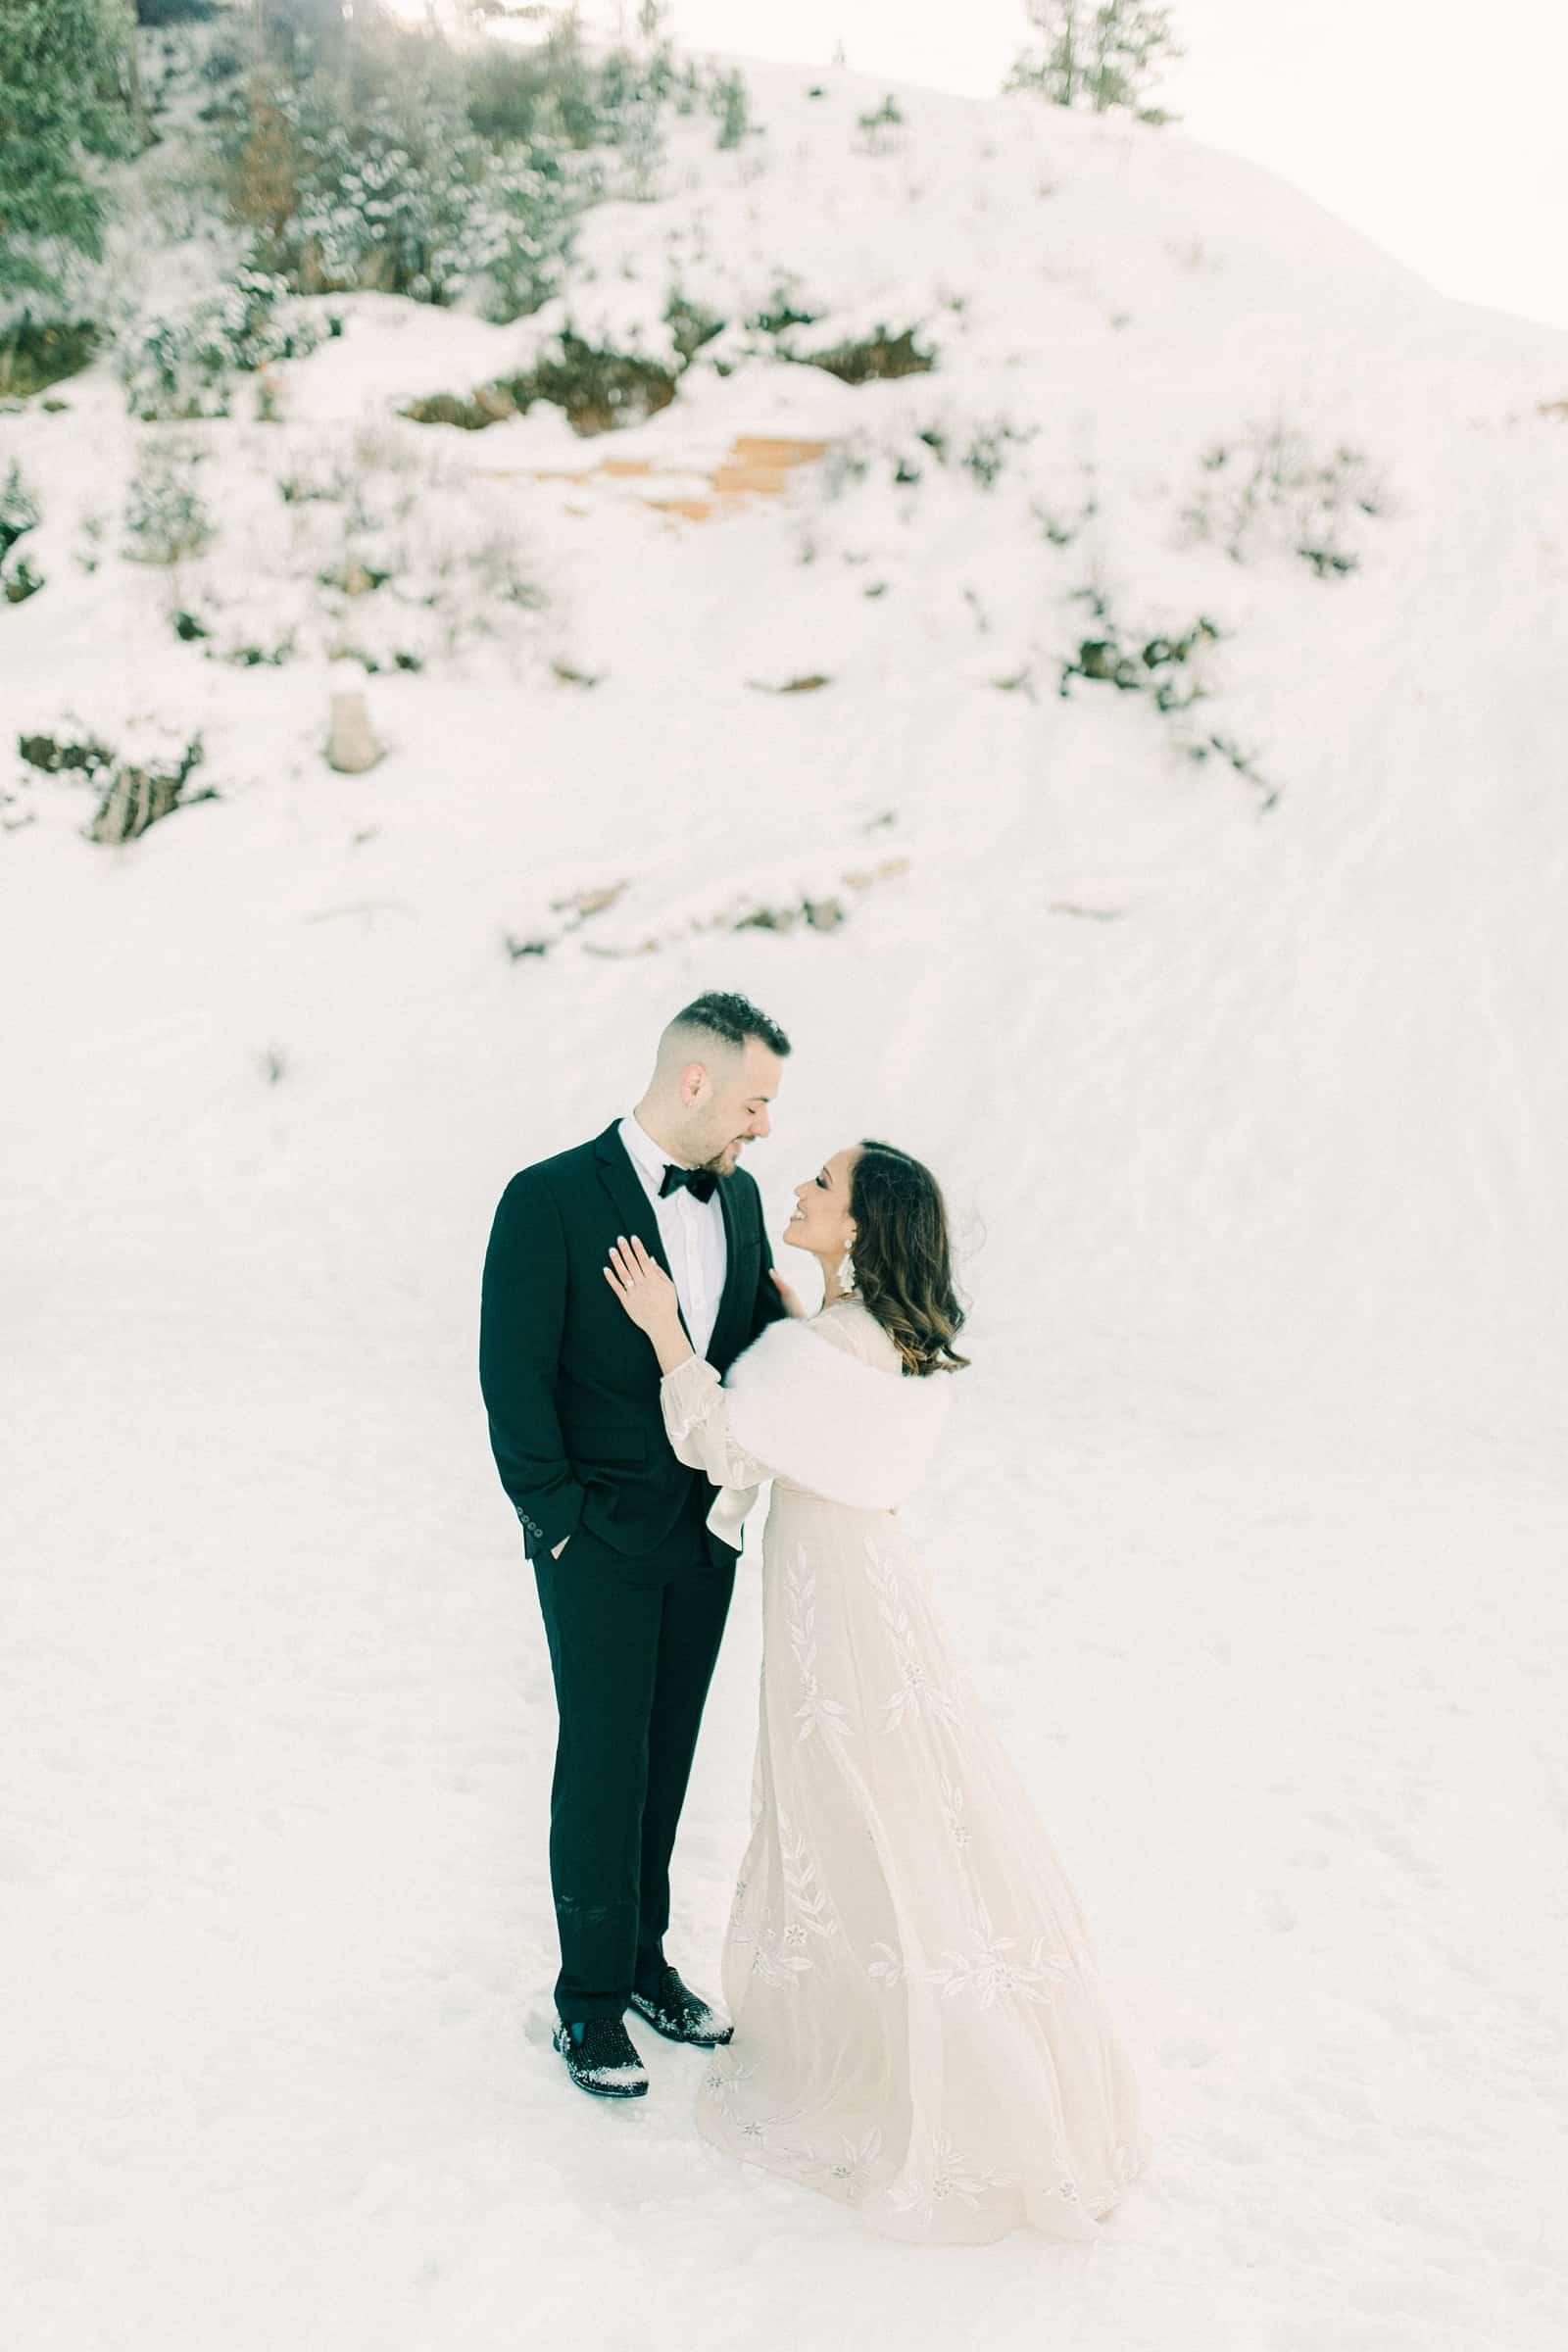 Bride and groom winter wedding, long flowy maxi dress